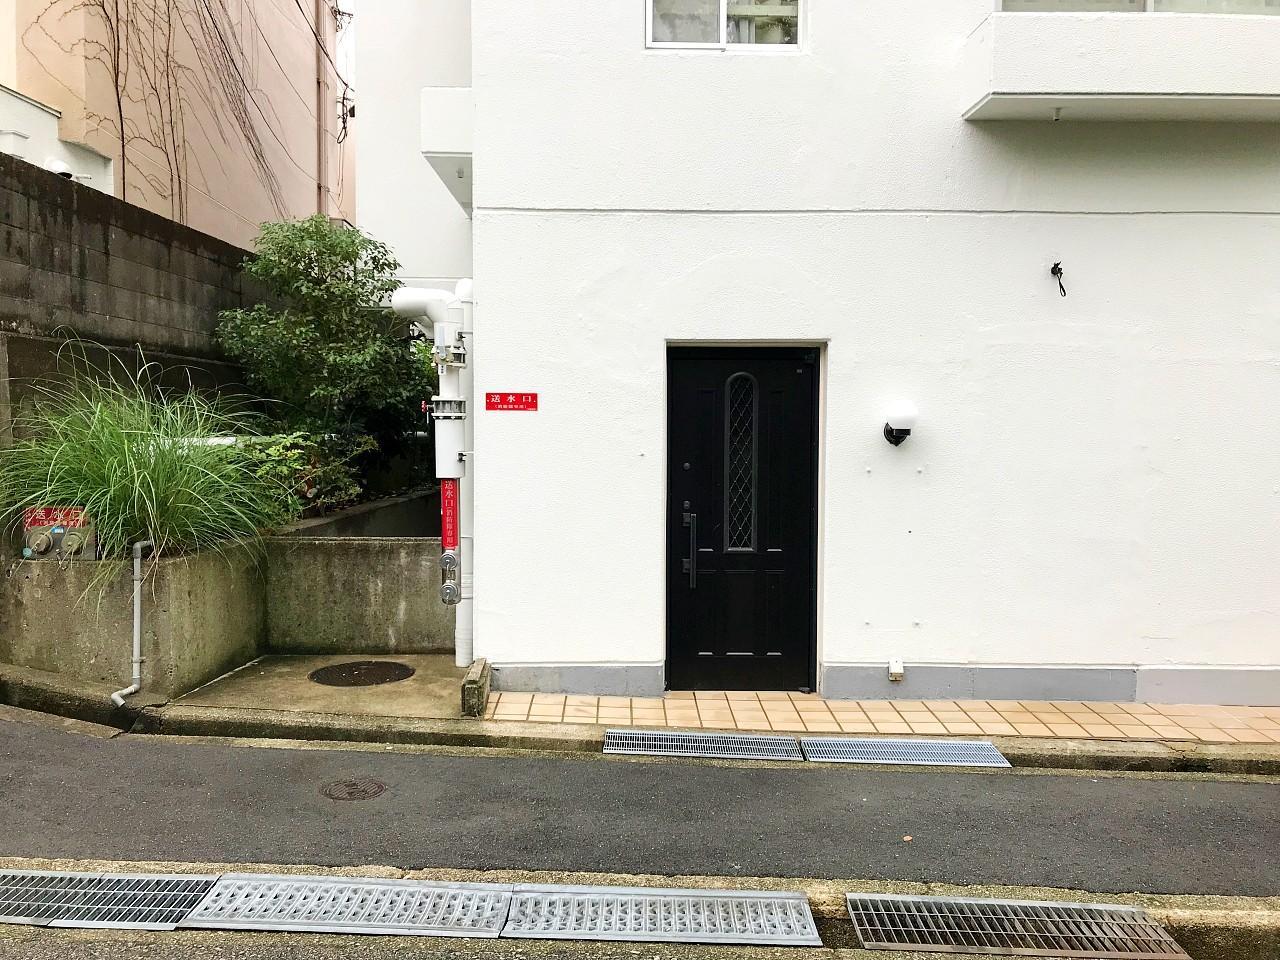 隠れ家サロンをはじめるなら (豊中市上新田4丁目の物件) - 大阪R不動産